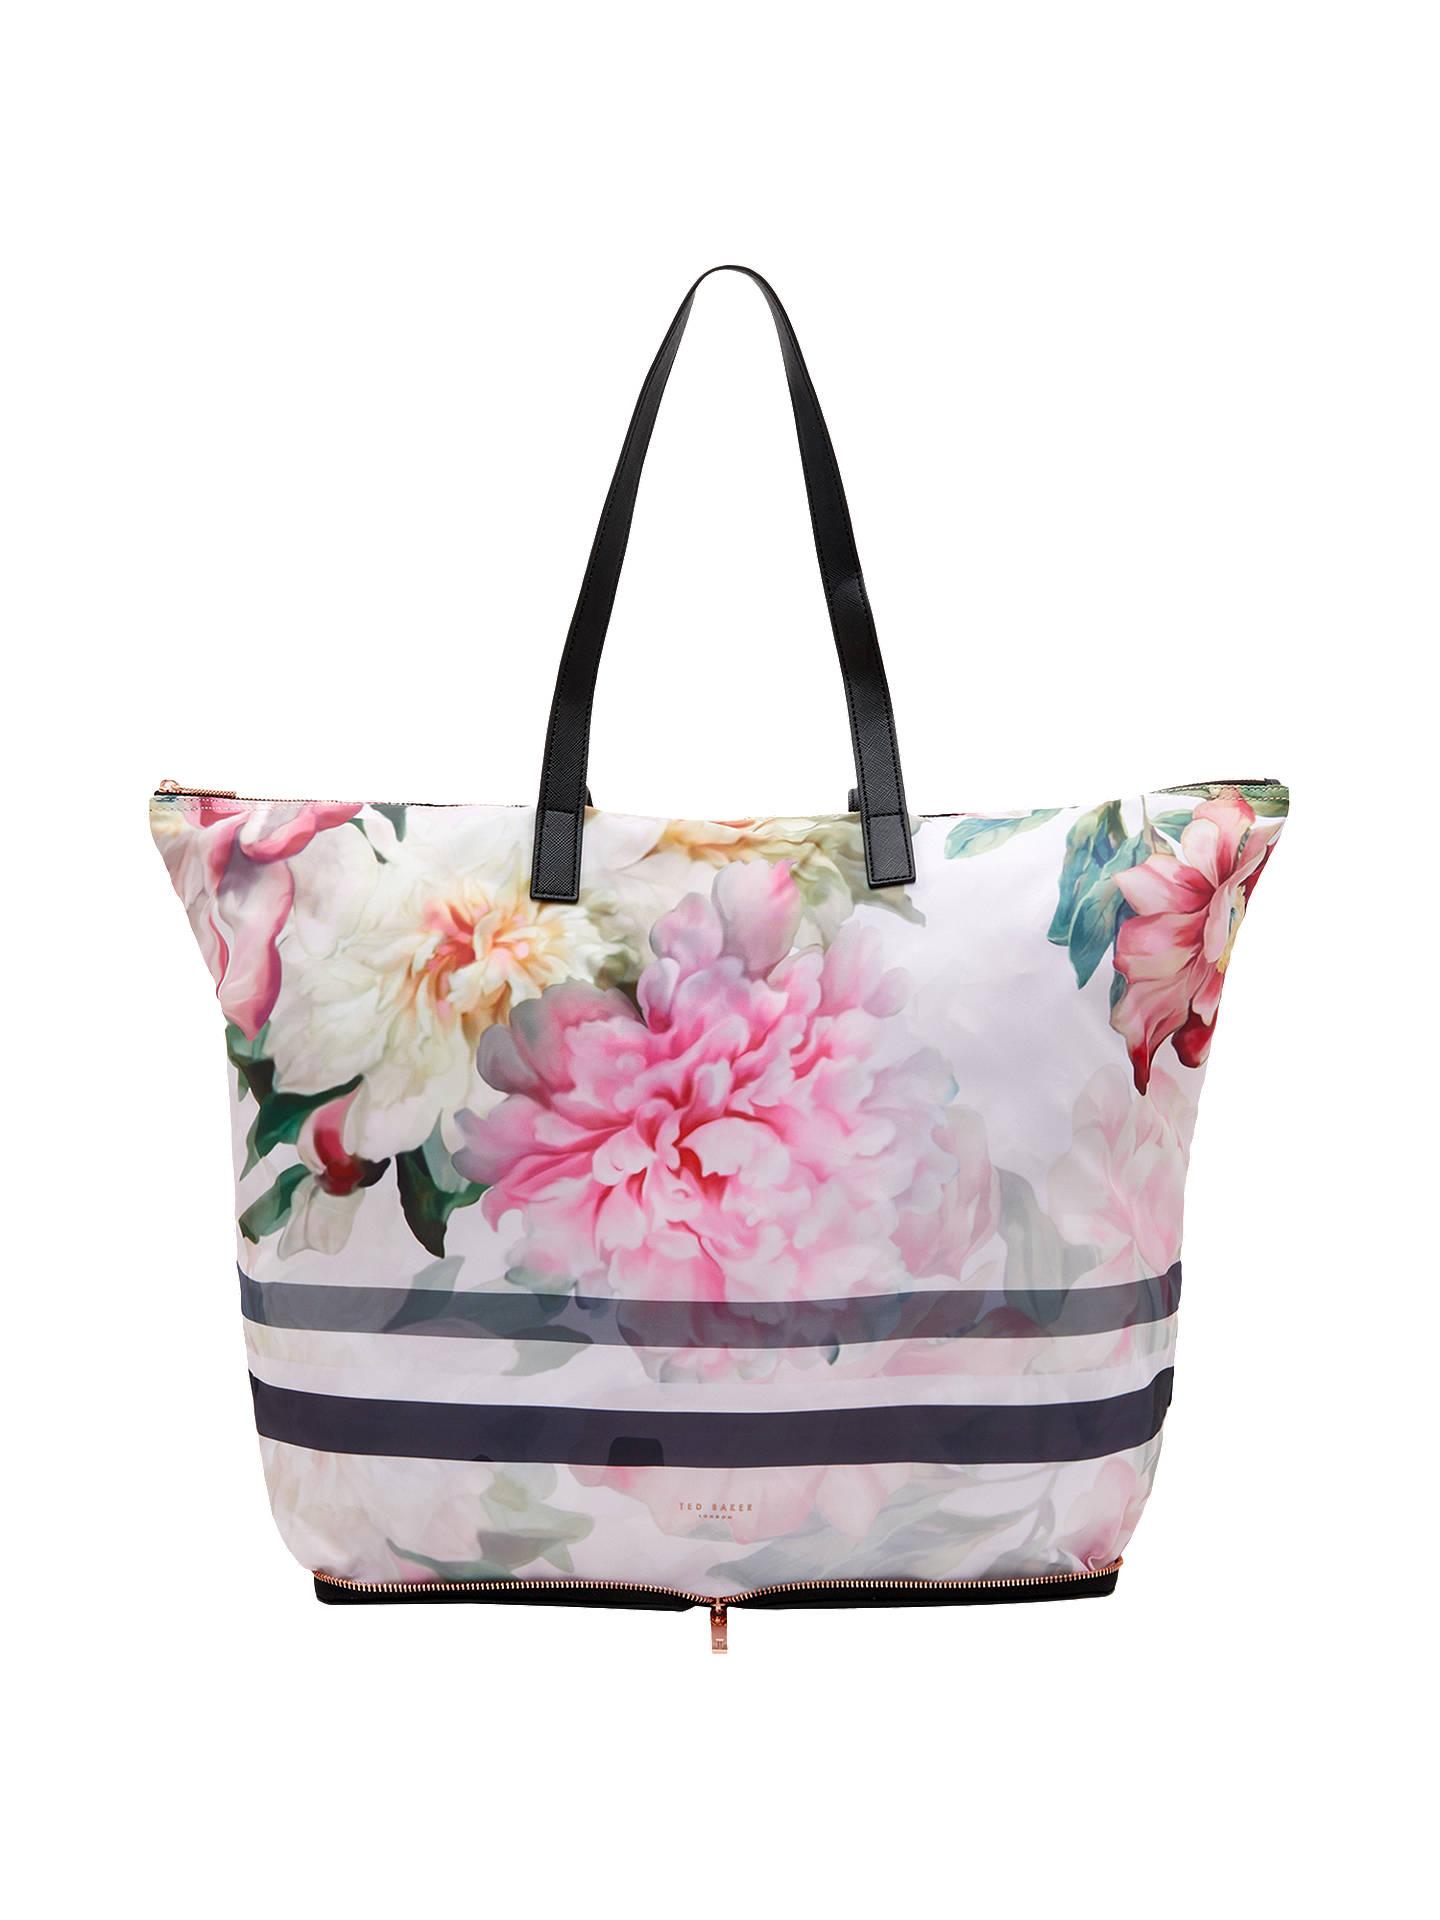 Ted Baker Otallie Painted Poise Foldaway Shopper Bag Baby